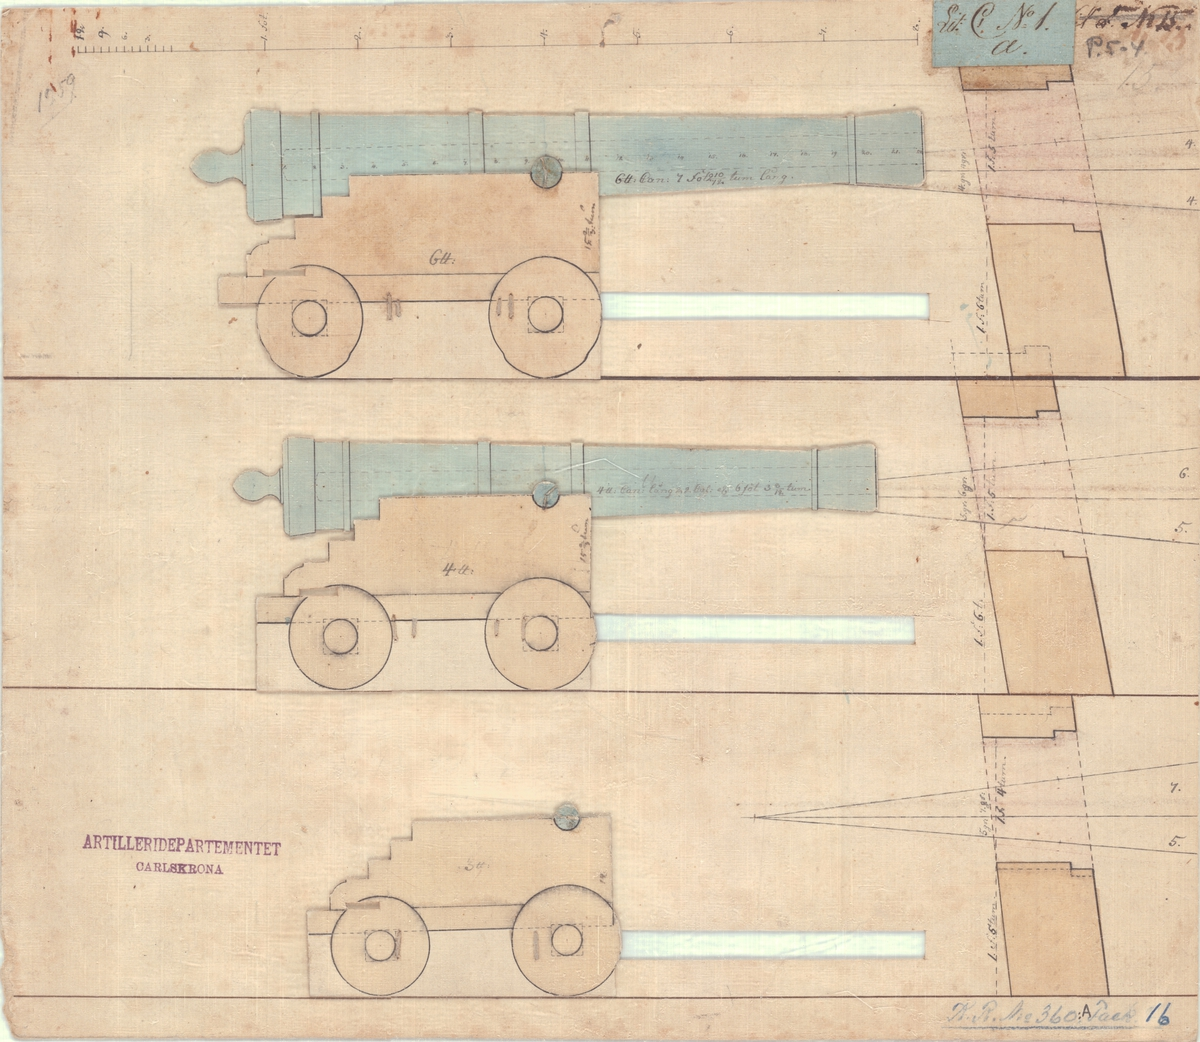 2 st projekt till styckeportar och lådors proportioner för 3,4 och 6 pundiga kanoner.